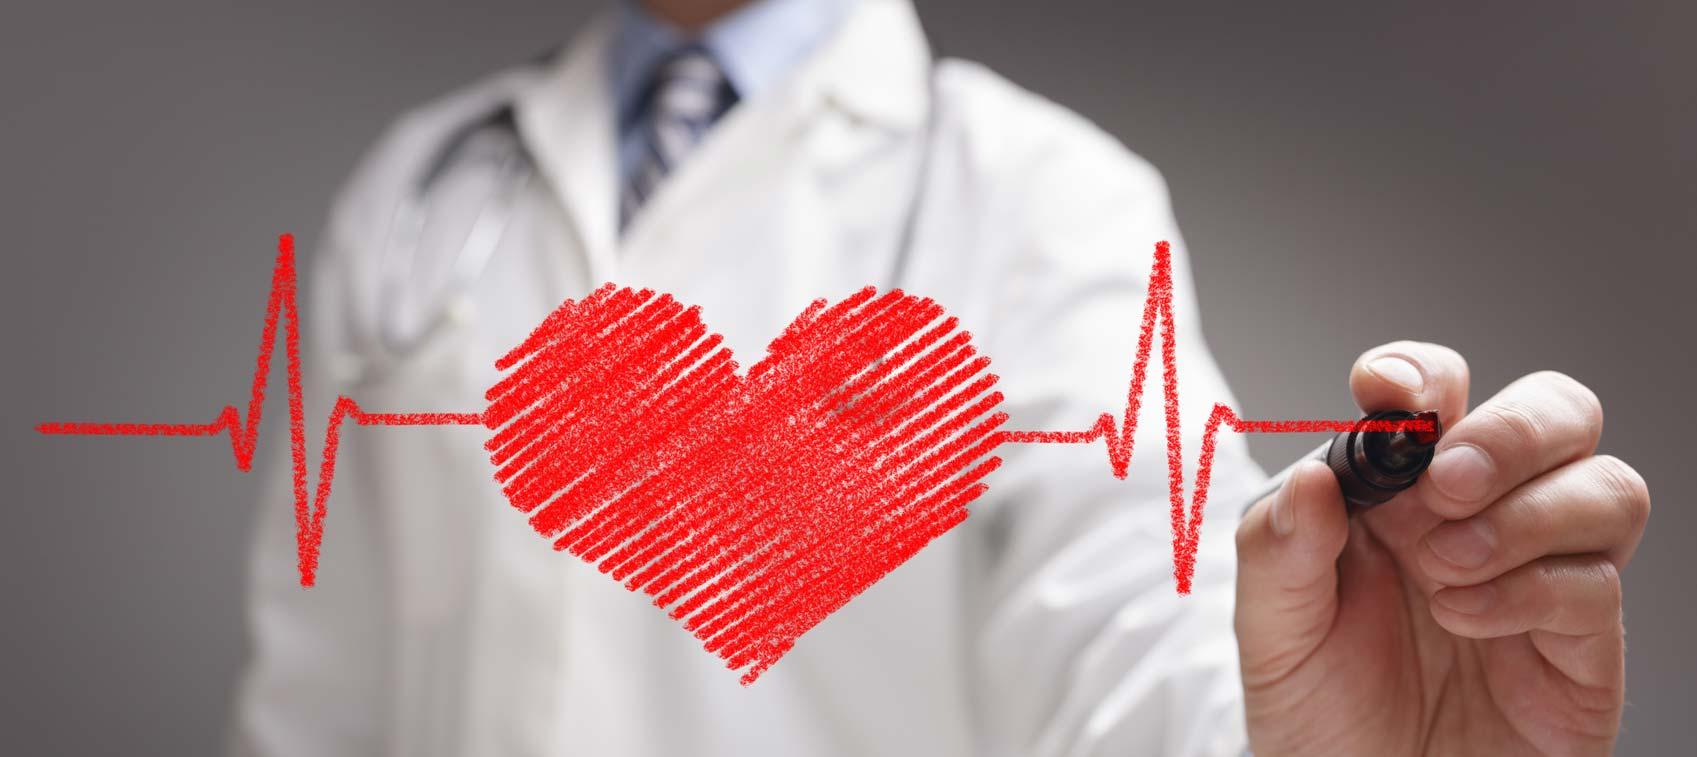 تکنیک های آسان برای جلوگیری از آسیب دیدن قلب